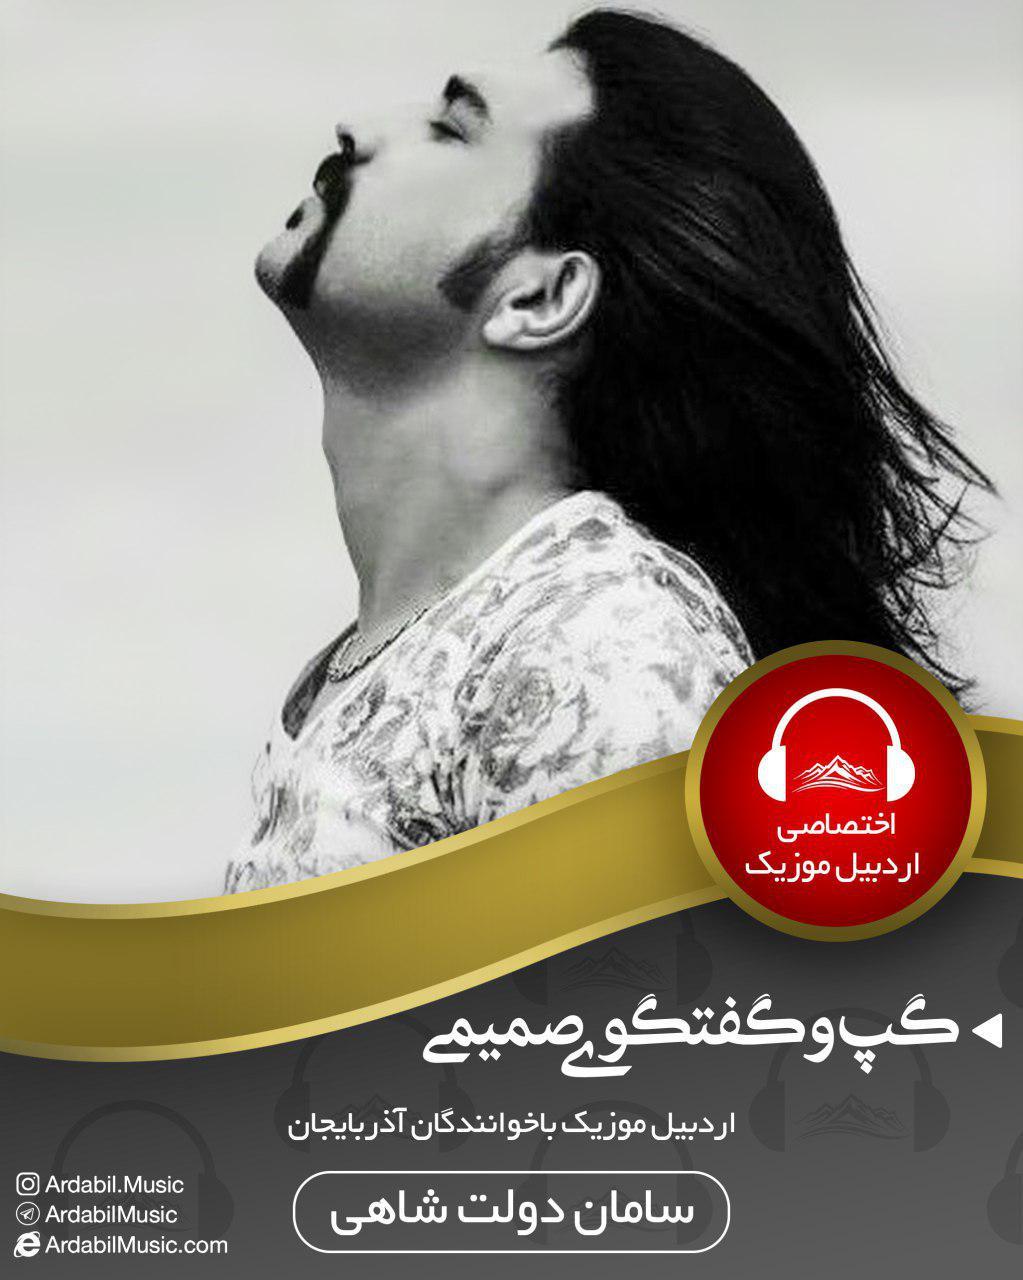 مصاحبه سامان دولتشاهی